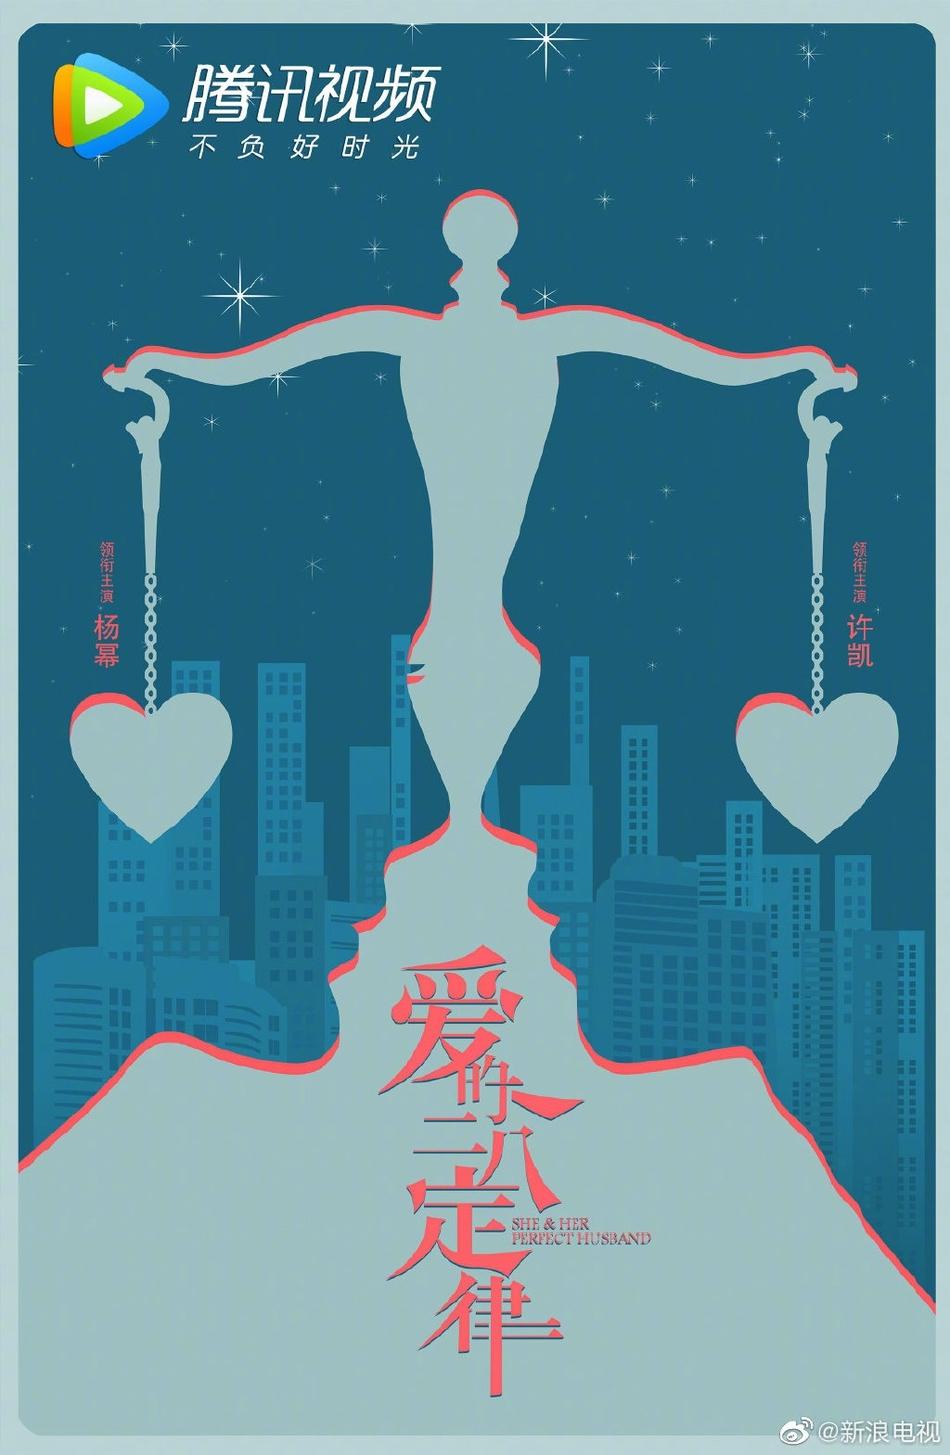 Dương Mịch bá đạo làm 'chiếc nóc nhà' cao 1m66 của Hứa Khải